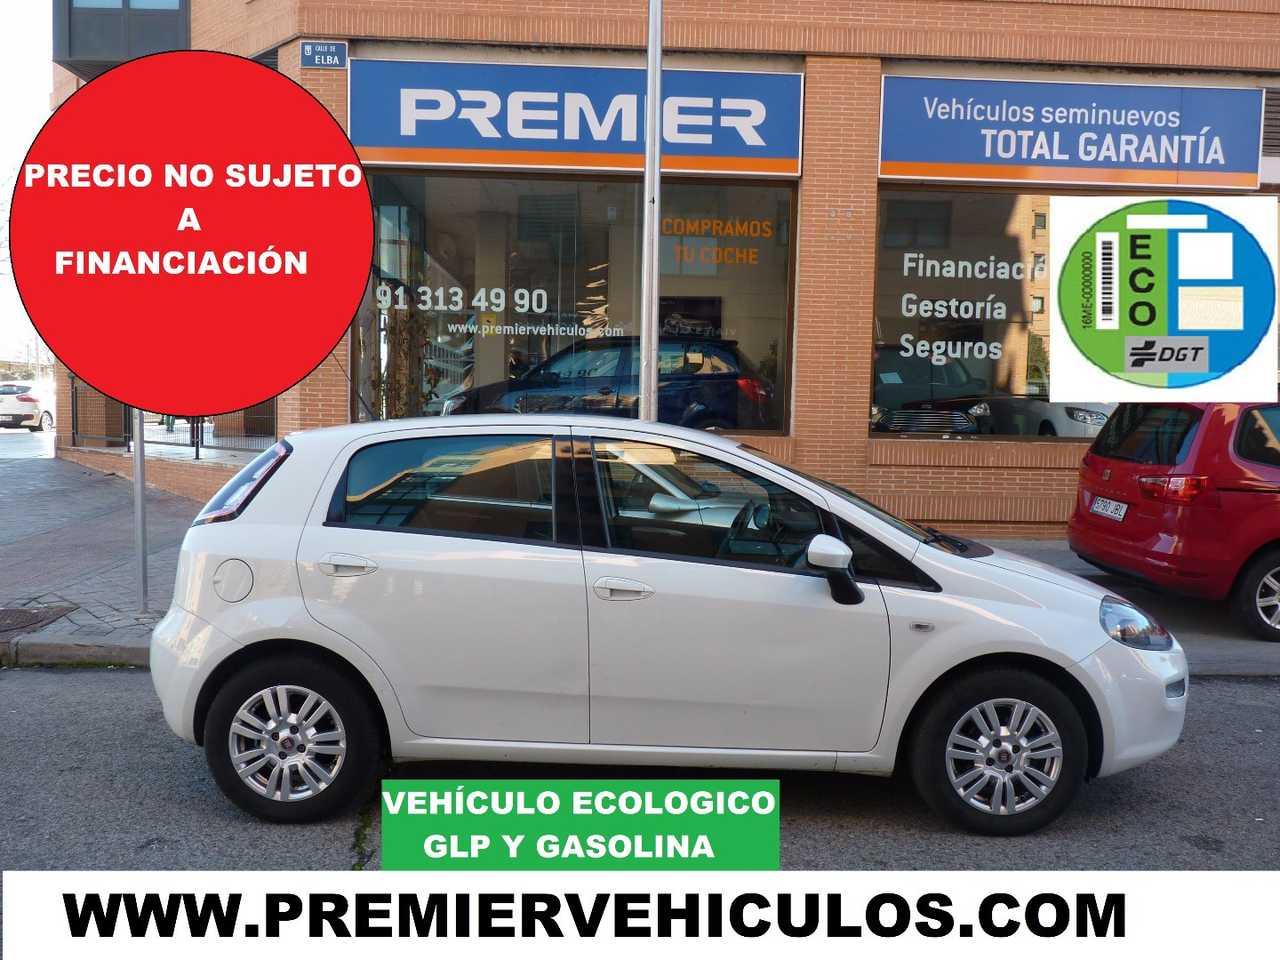 Fiat Grande punto 1.4 8v Easy 77CV GasolinaGLP Gasolina Y GLP  - Foto 1